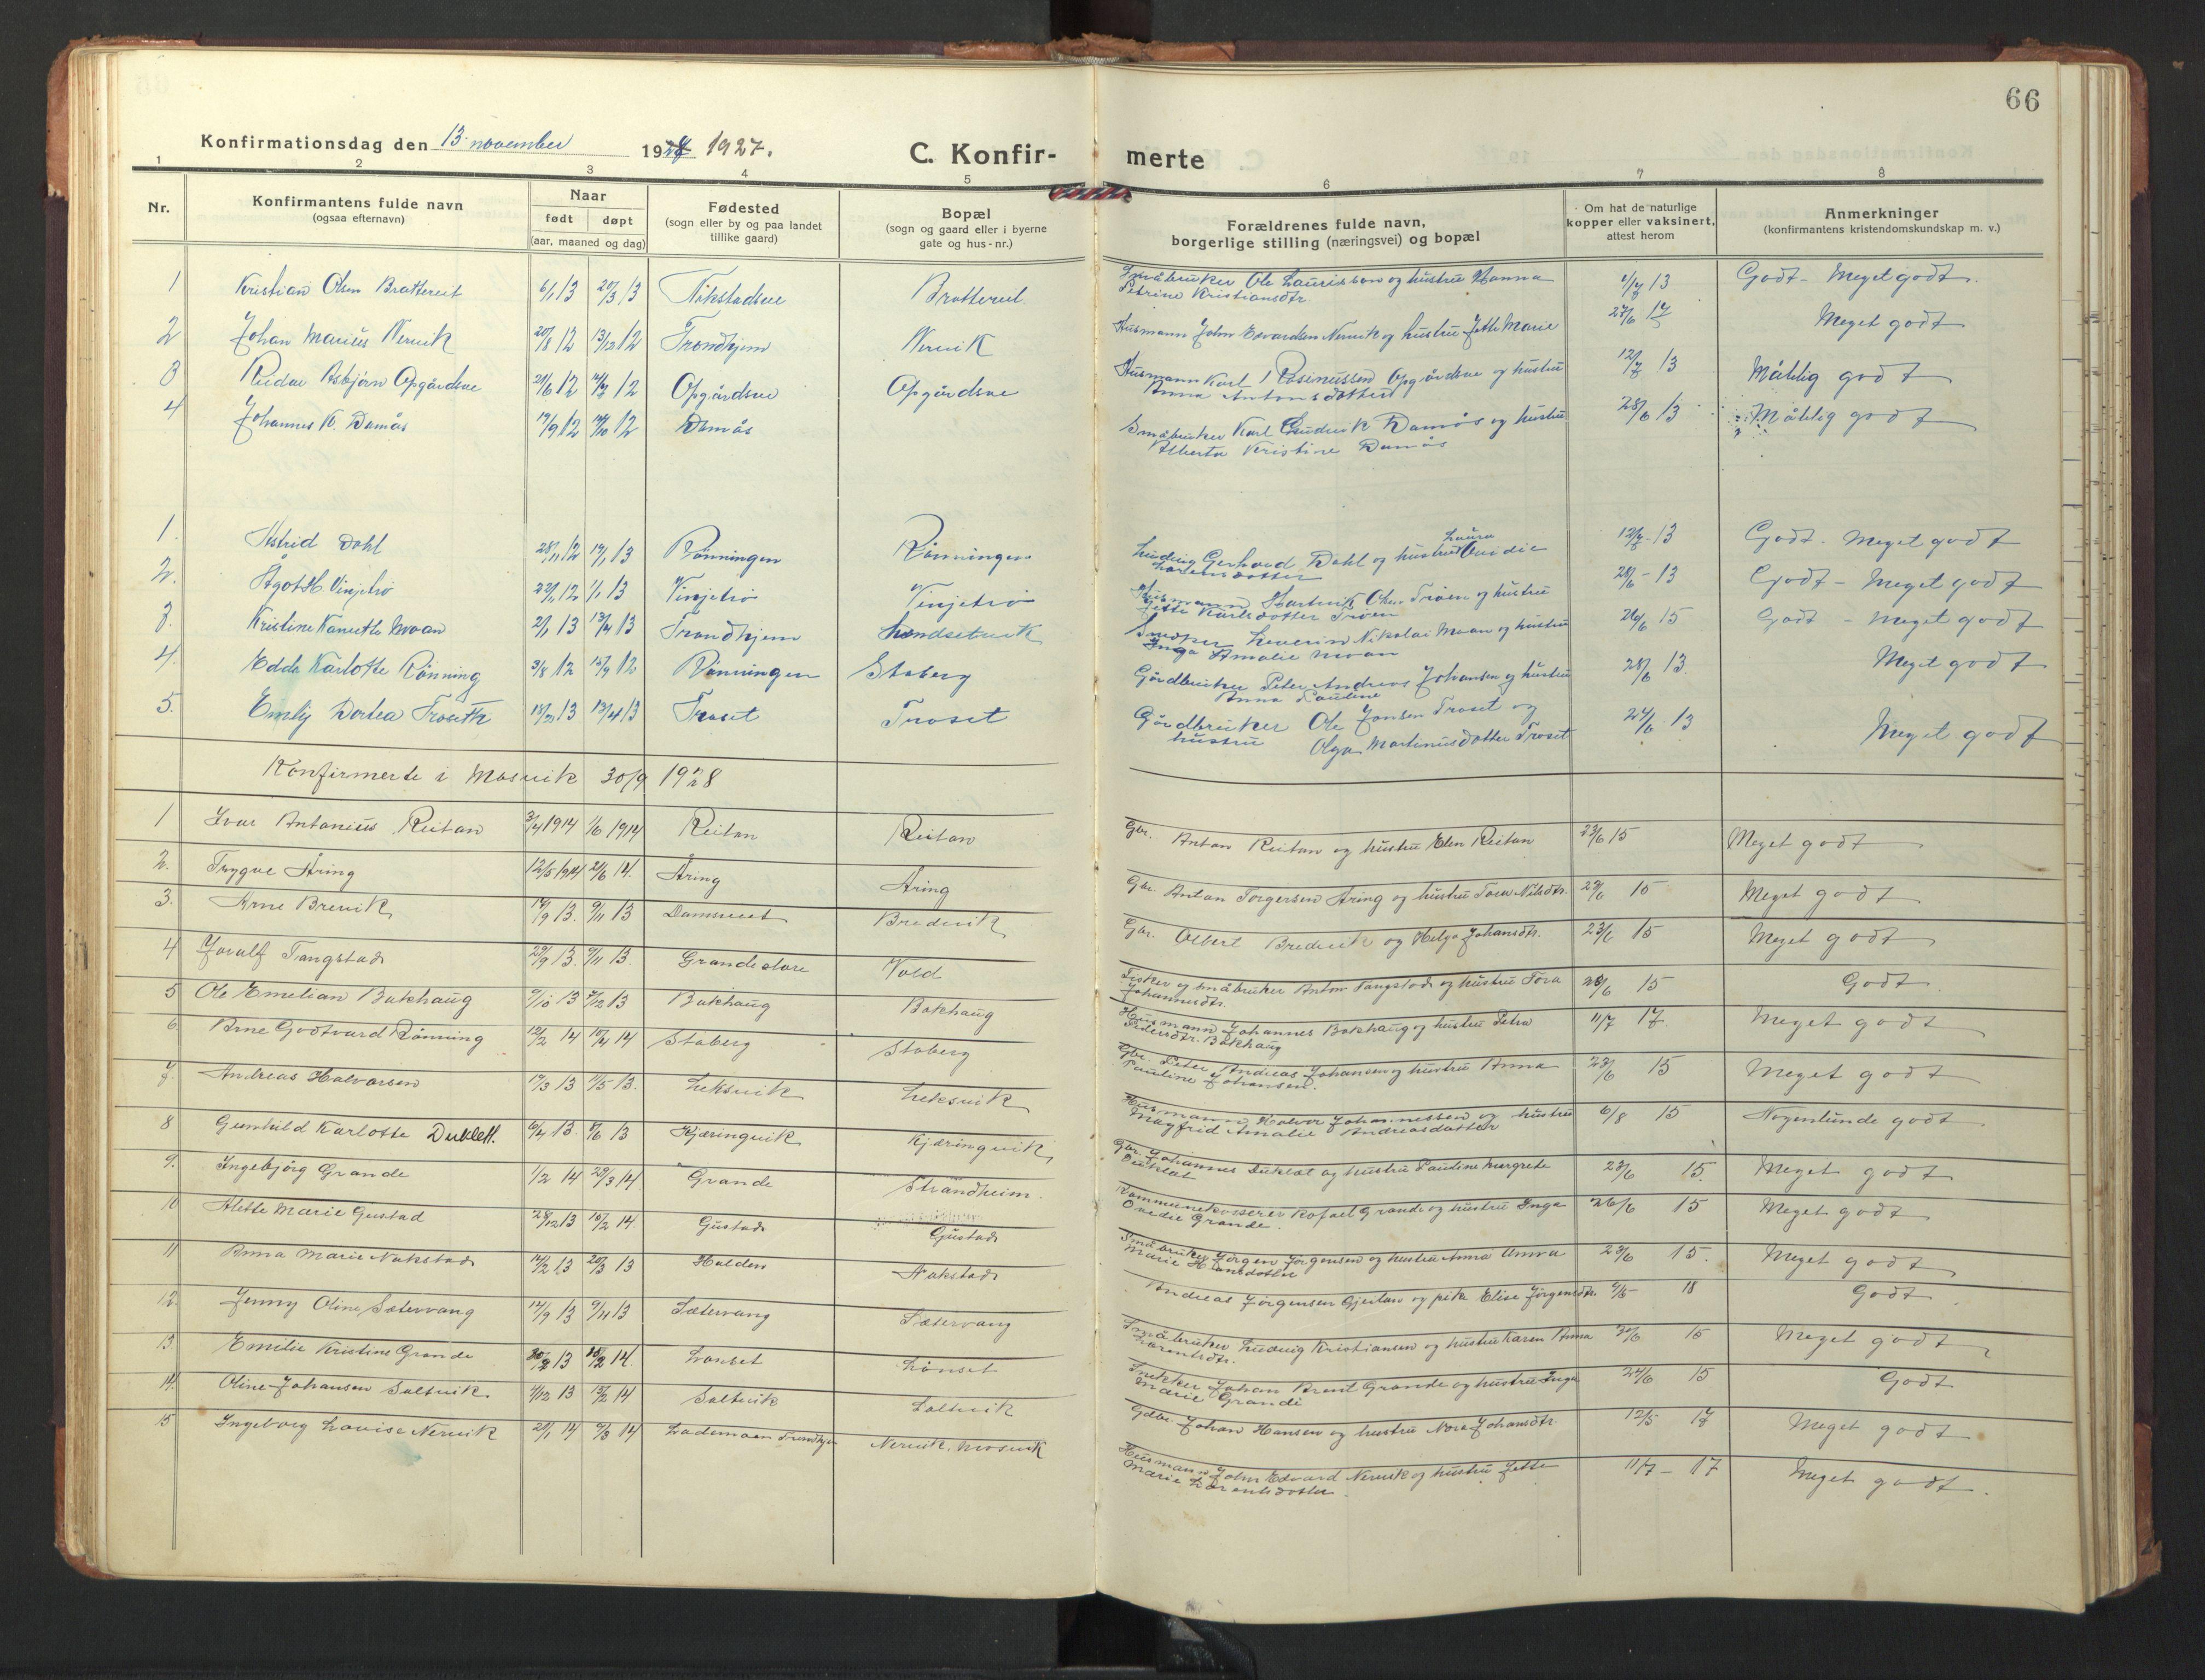 SAT, Ministerialprotokoller, klokkerbøker og fødselsregistre - Nord-Trøndelag, 733/L0328: Klokkerbok nr. 733C03, 1919-1966, s. 66